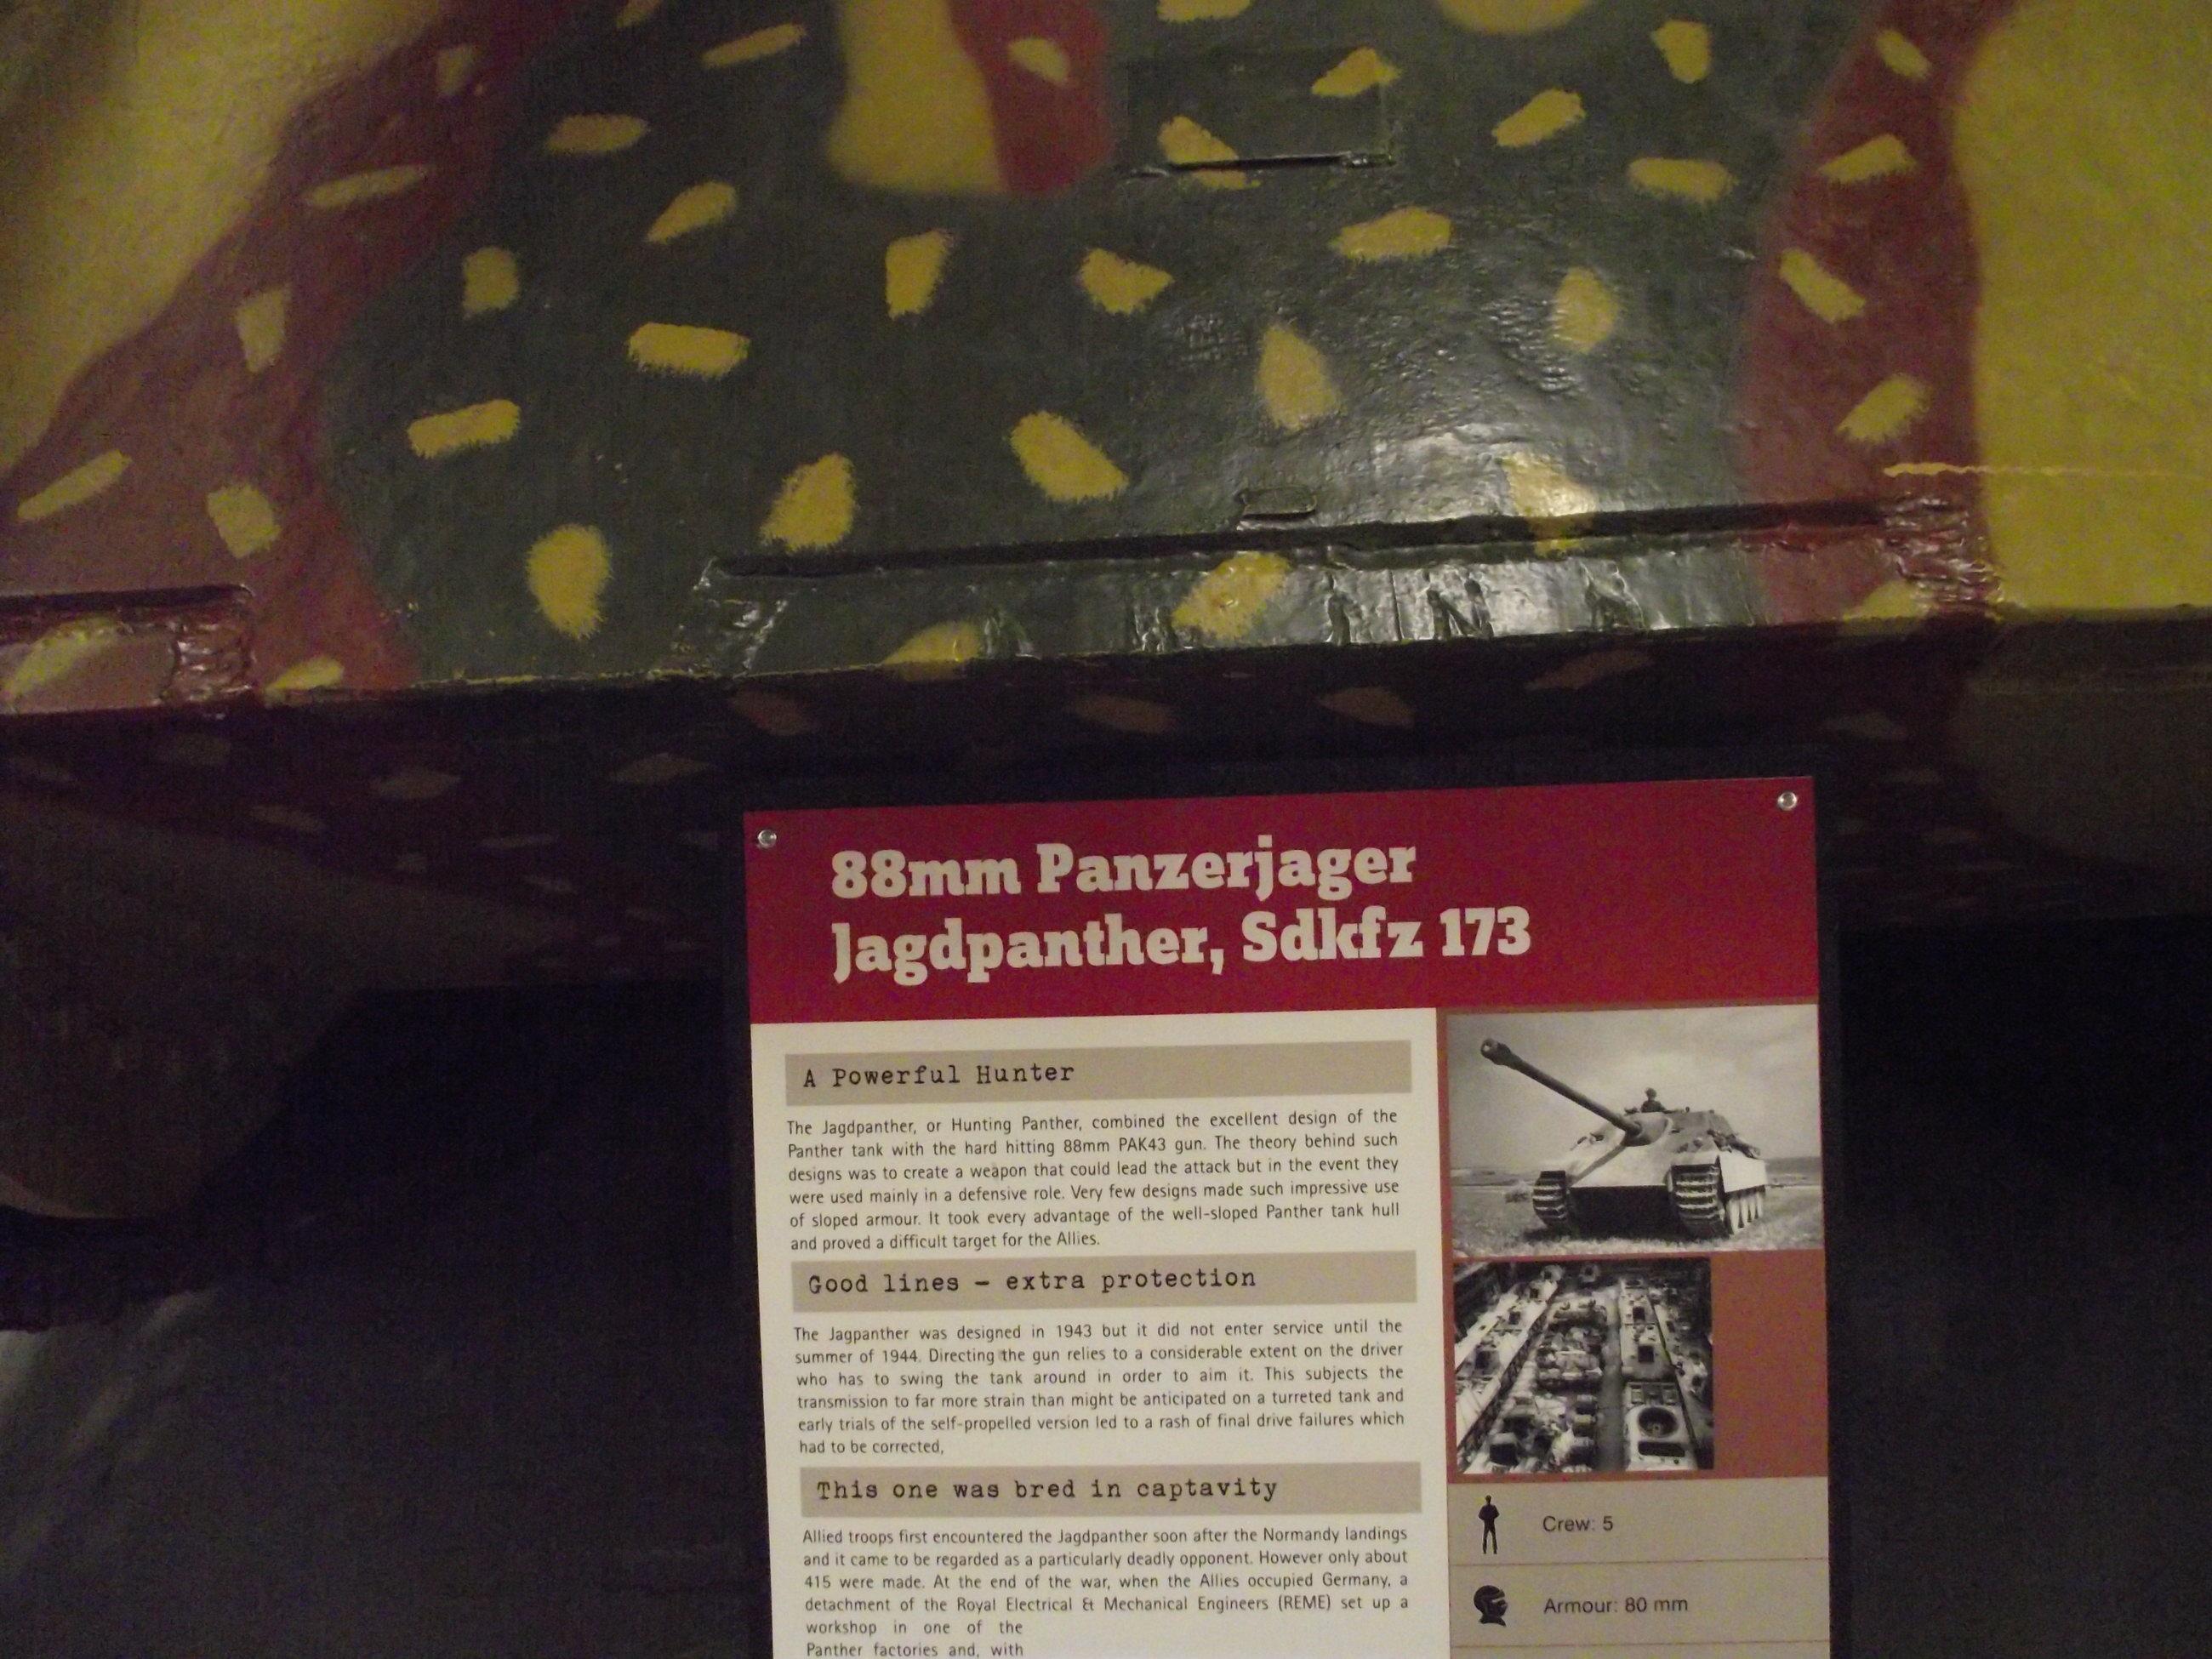 Tank_Museum_20180919_010.jpg